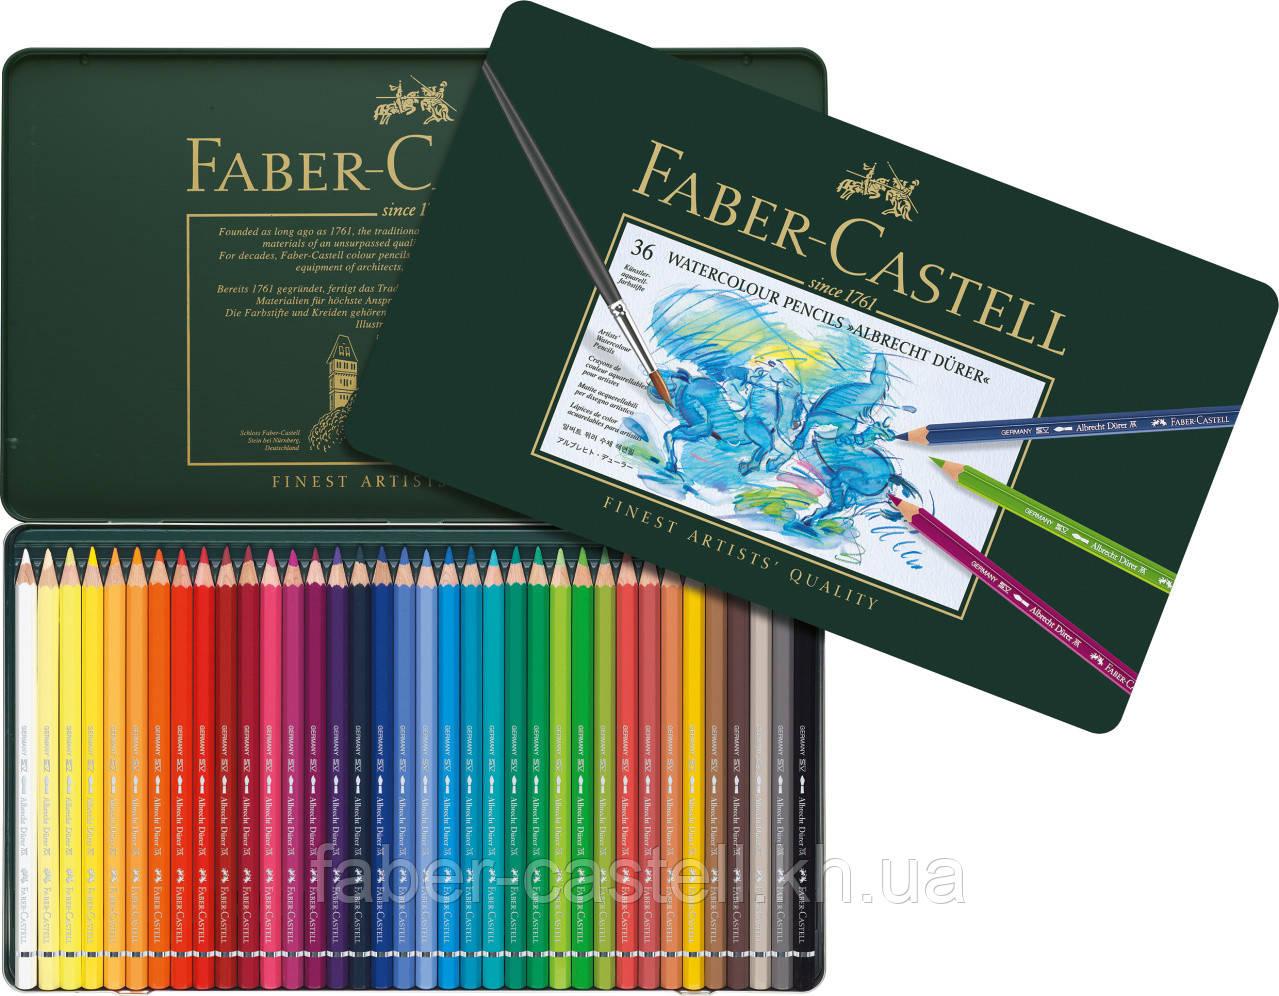 Набор акварельных карандашей Faber- Castell Albrecht Dürer  36 цветов в металлической коробке, 117536